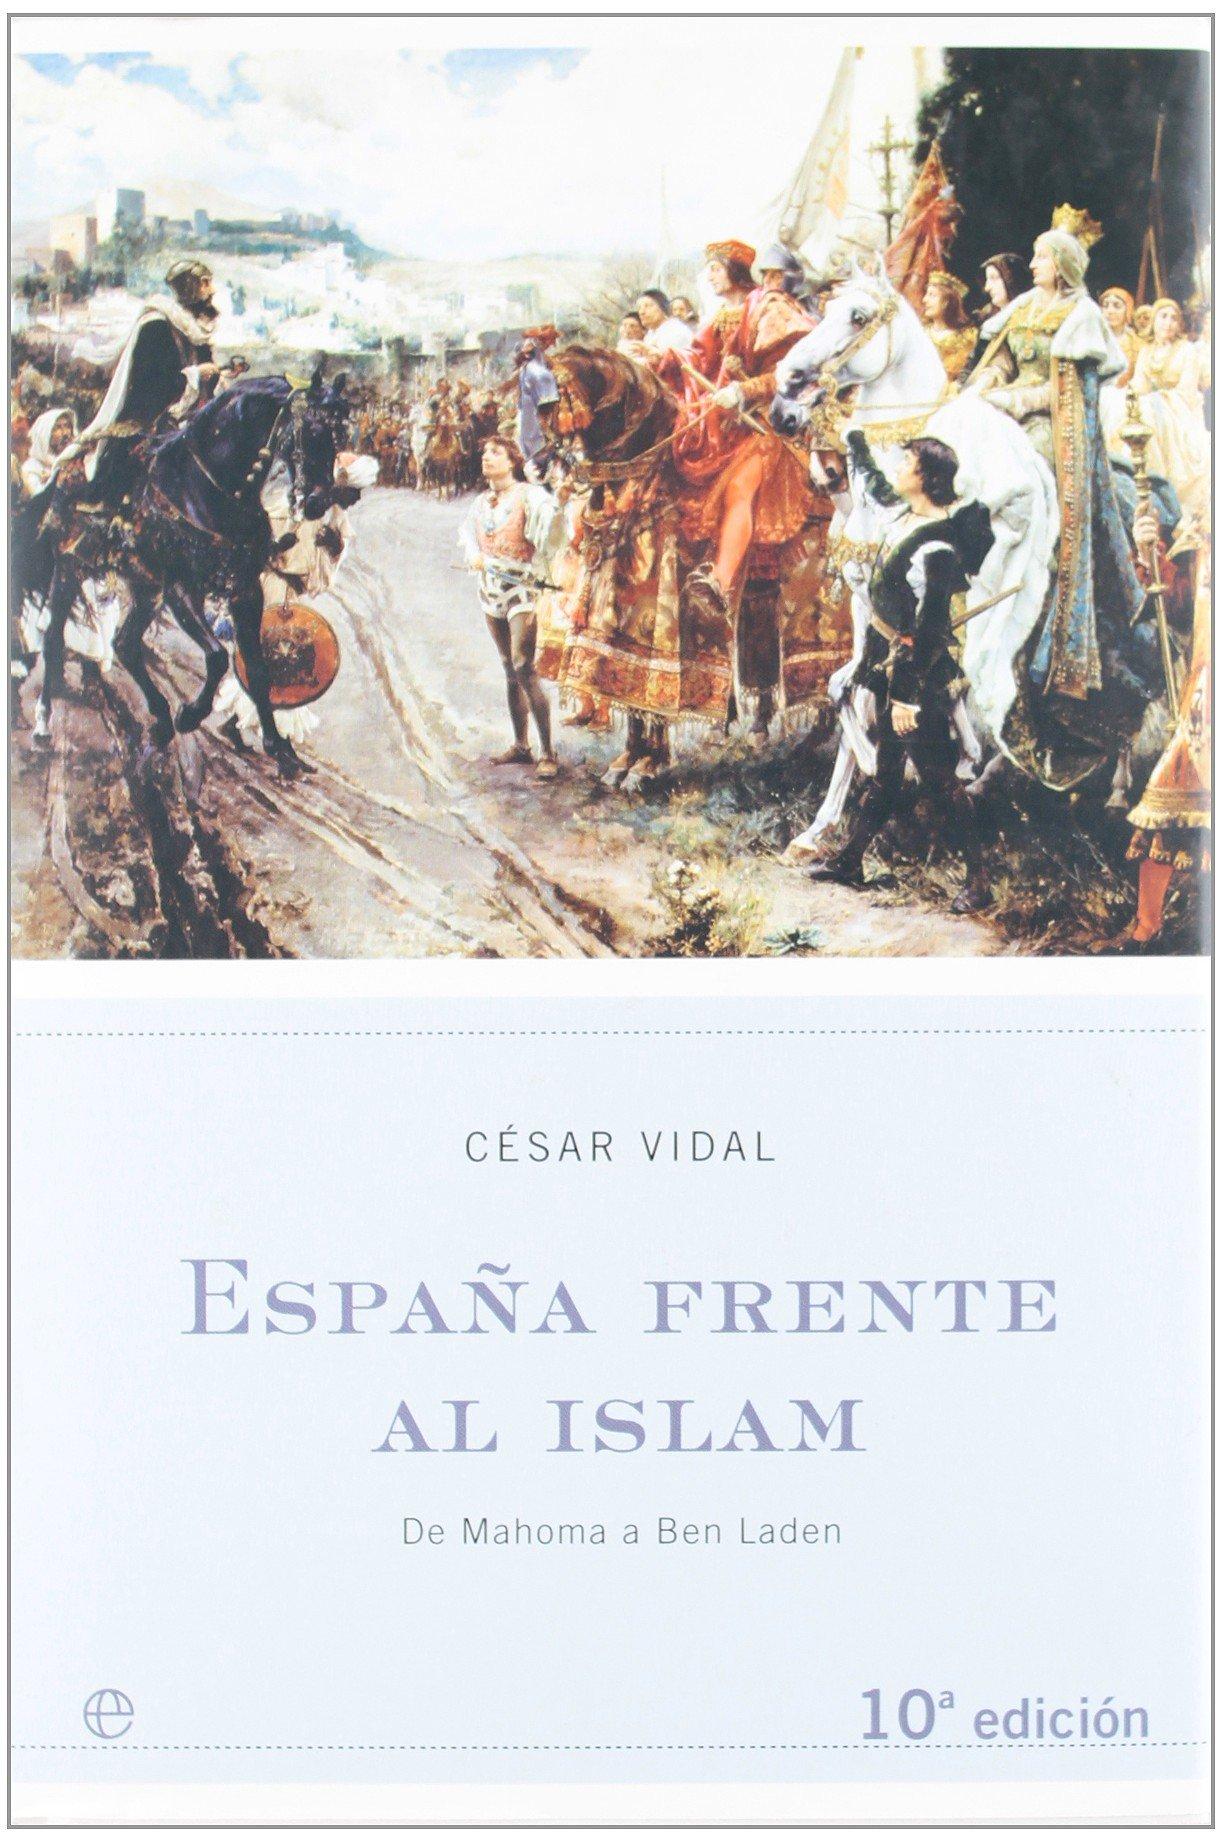 España frente al islam (Historia Divulgativa): Amazon.es: Vidal, Cesar: Libros